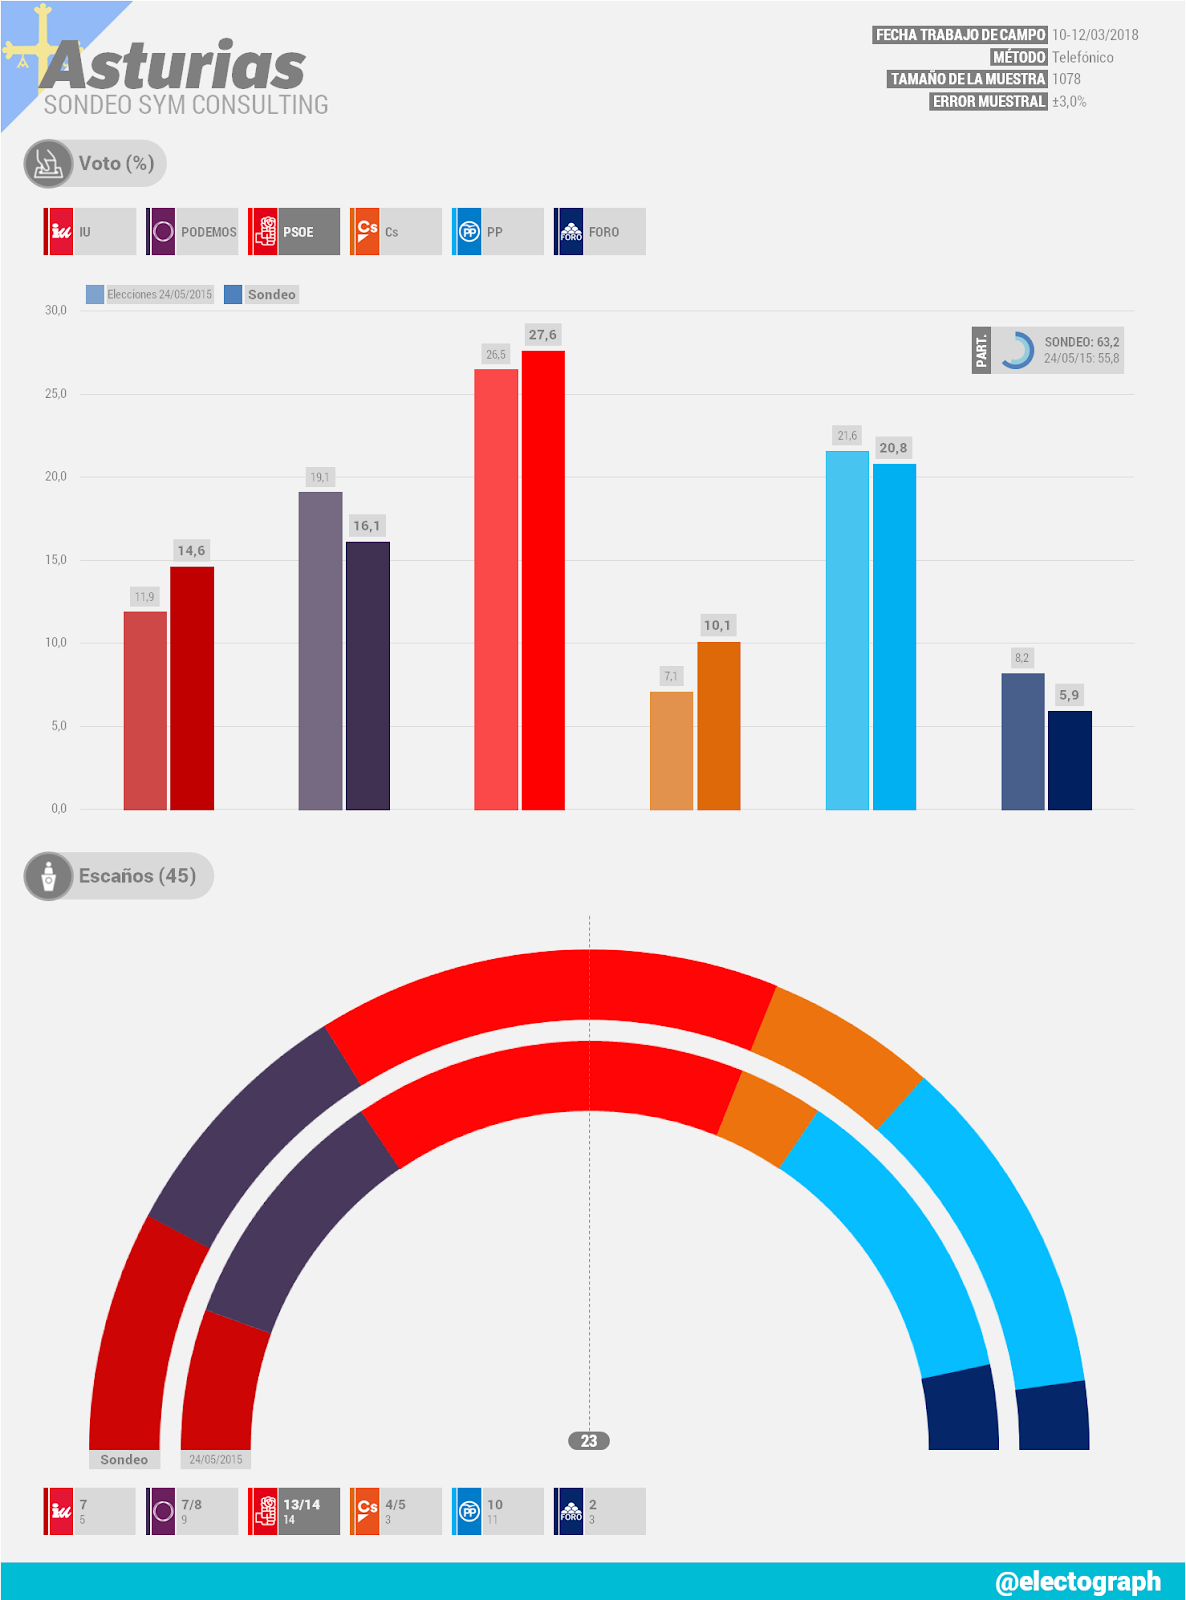 Gráfico de la encuesta para elecciones autonómicas en Asturias realizada por SyM Consulting en marzo de 2018